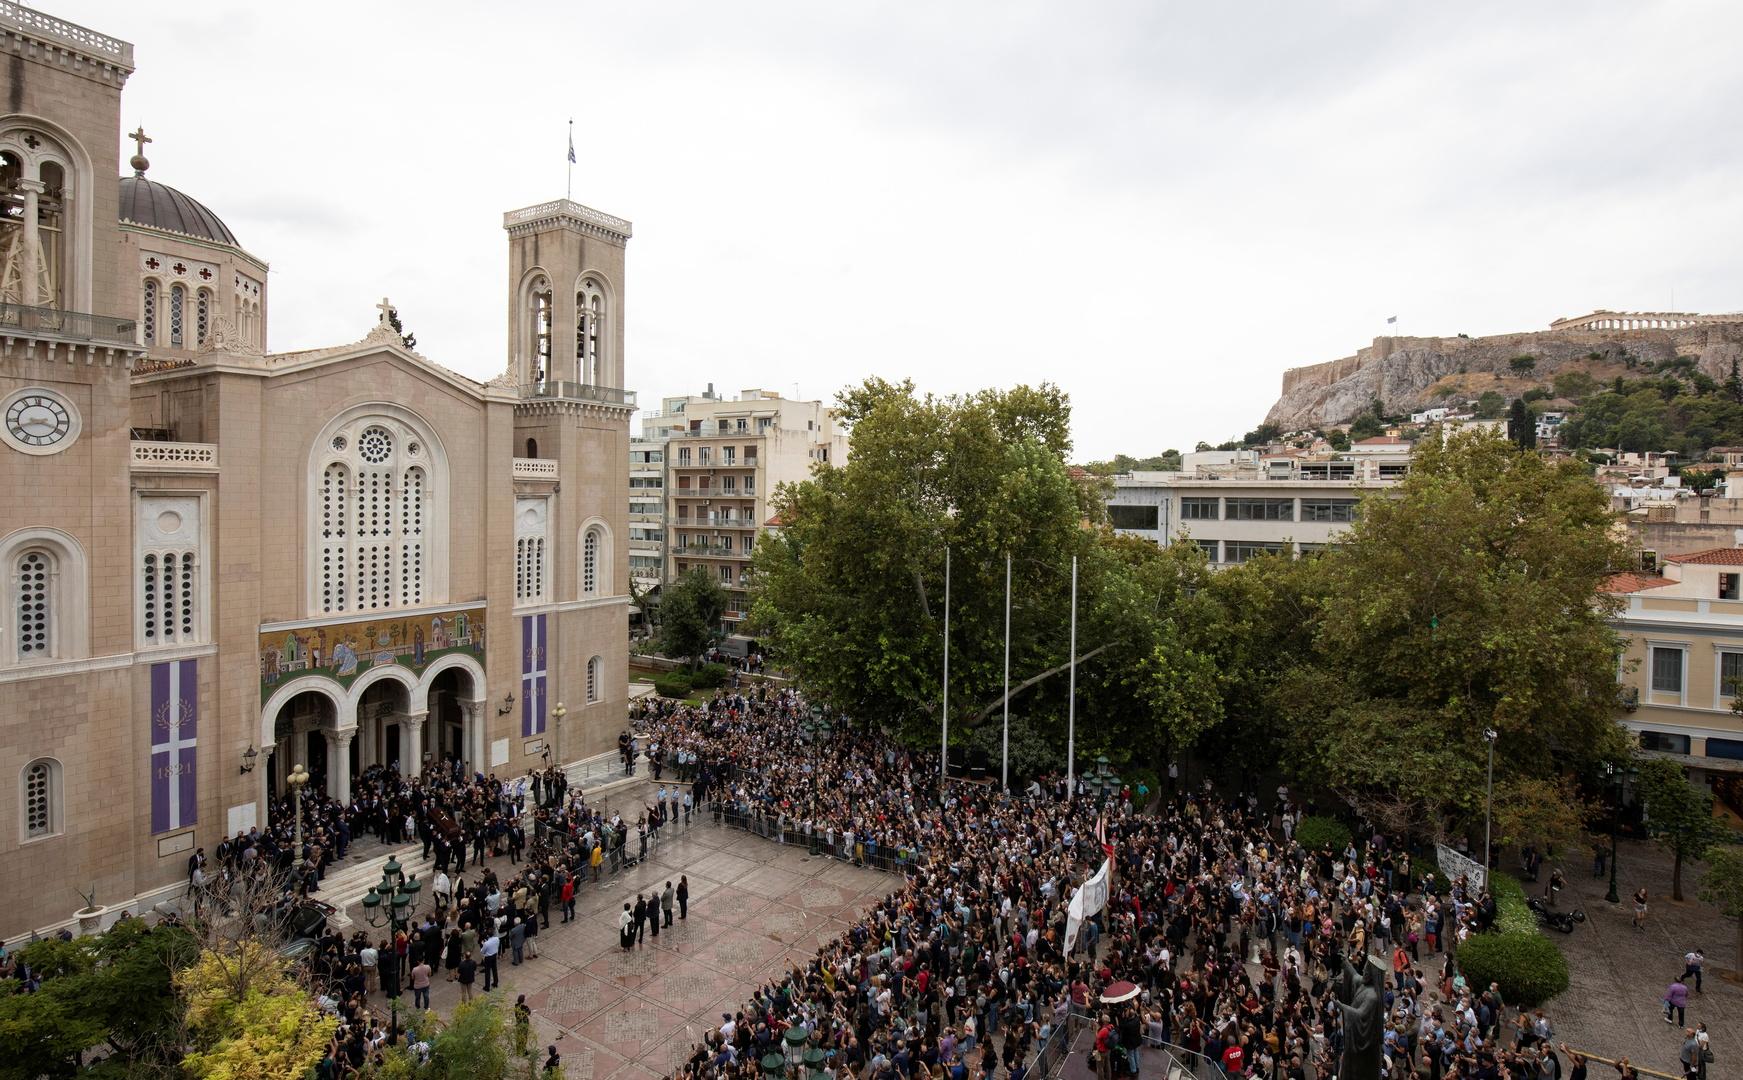 الآلاف يشاركون في مراسم تأبين الموسيقي اليوناني الشهير ثيودوراكيس (صور+فيديو)